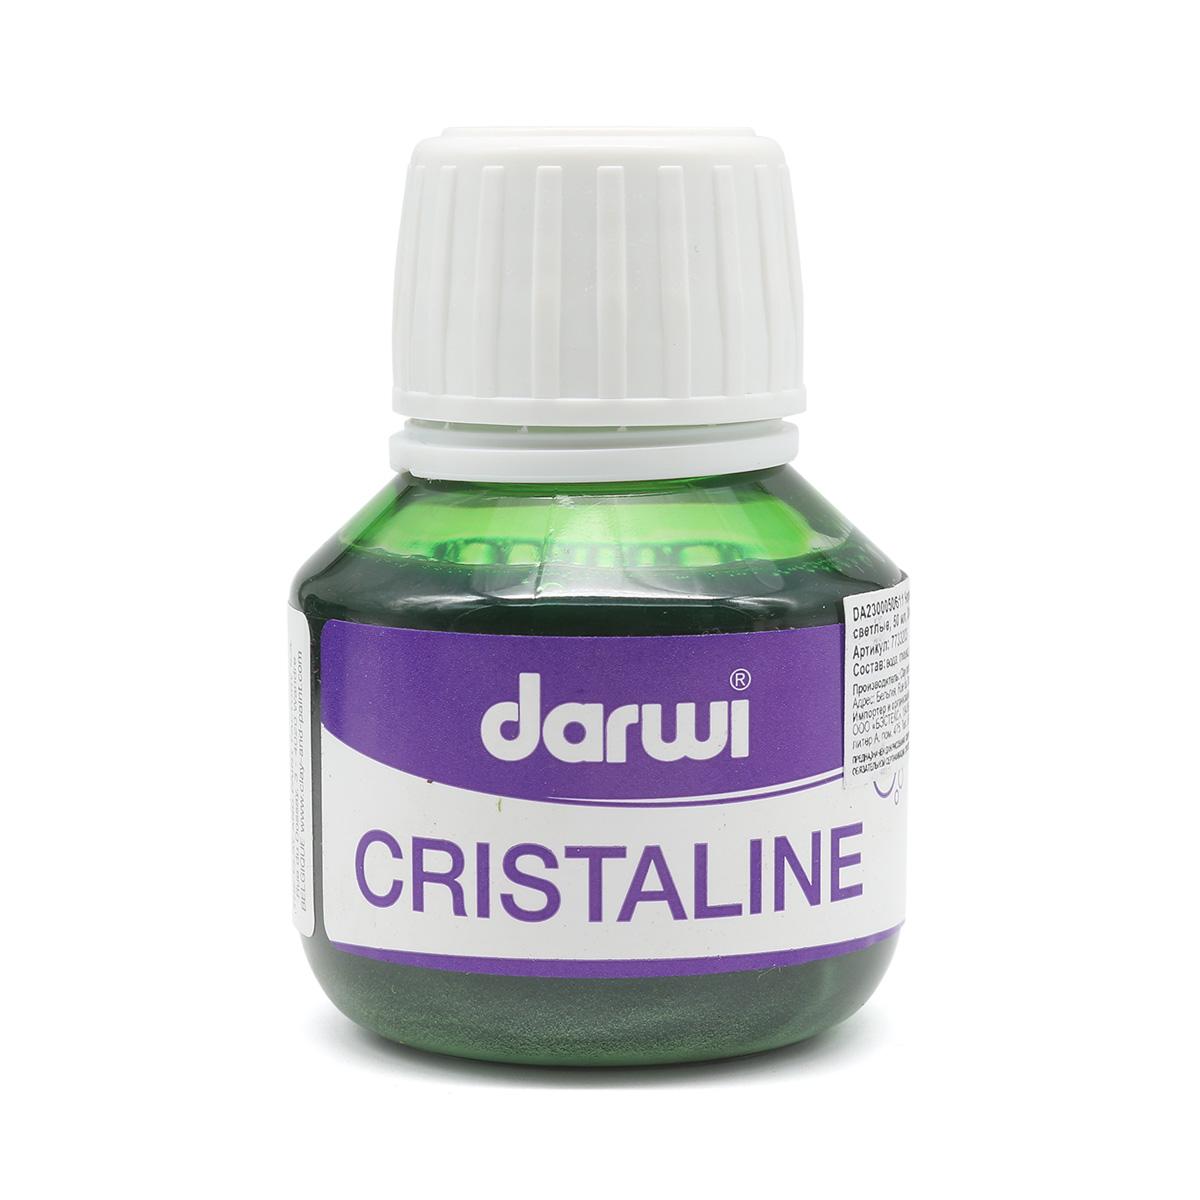 DA2300050611 Чернила Cristaline, зеленые светлые, 50 мл, Darwi